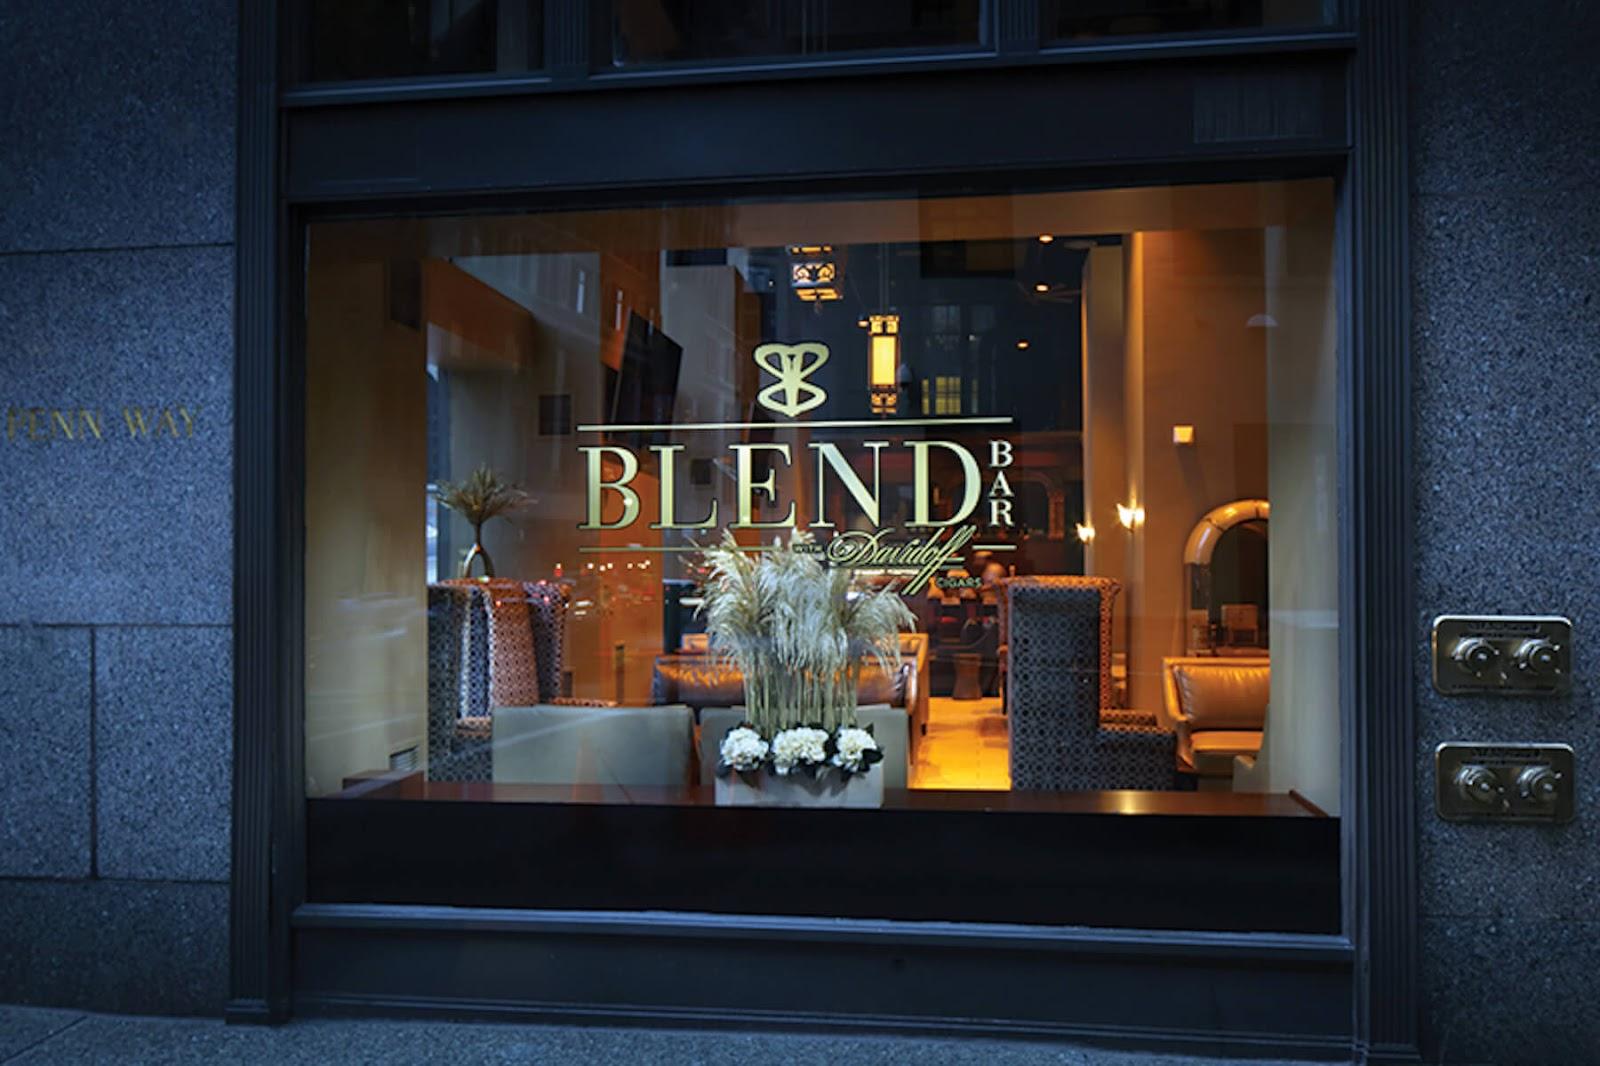 BLEND bar storefront